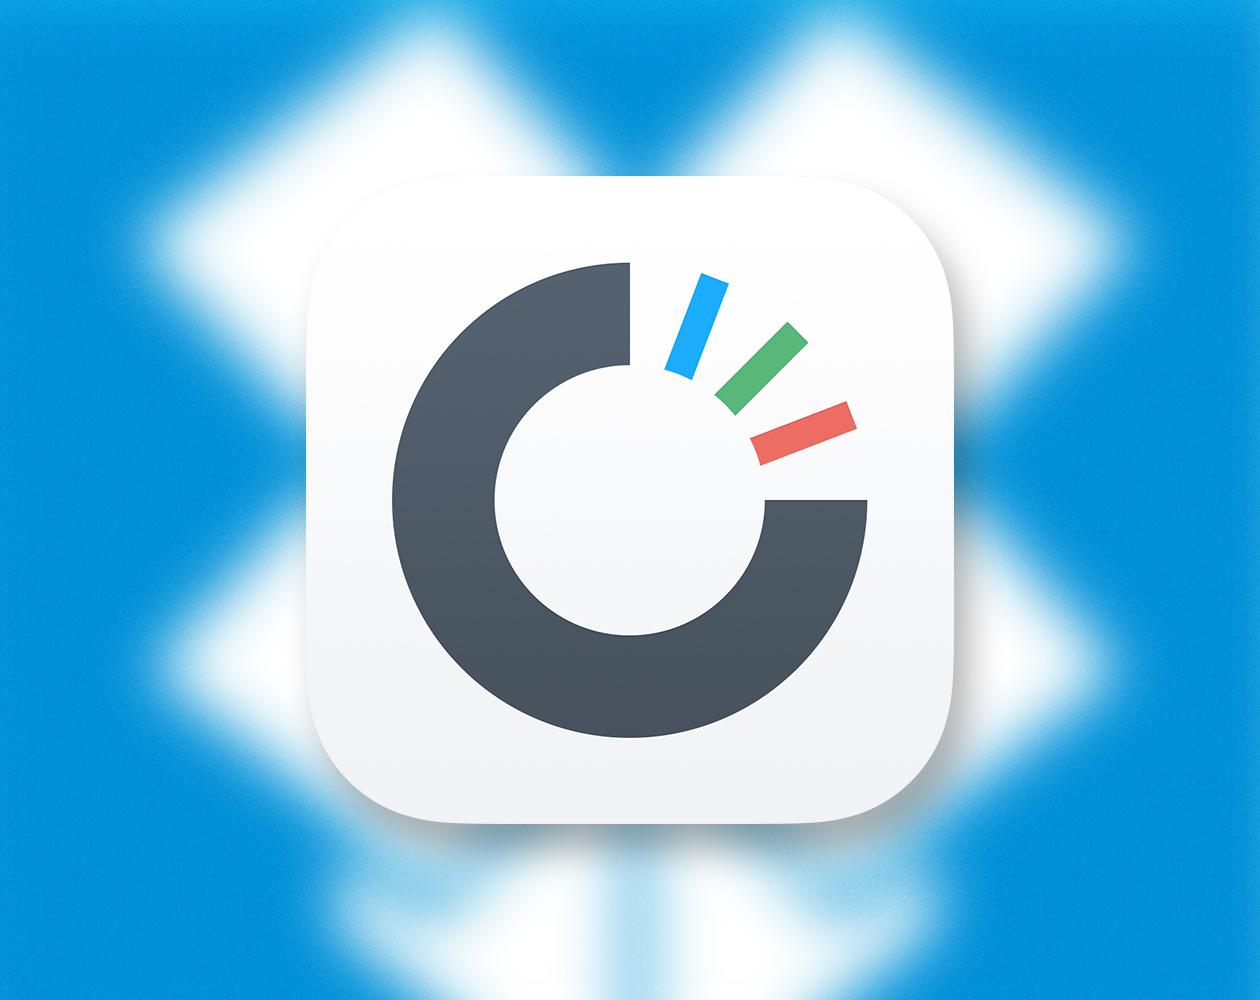 Впечатления от Carousel — нового приложения от Dropbox для просмотра фотографий и видео в облаке